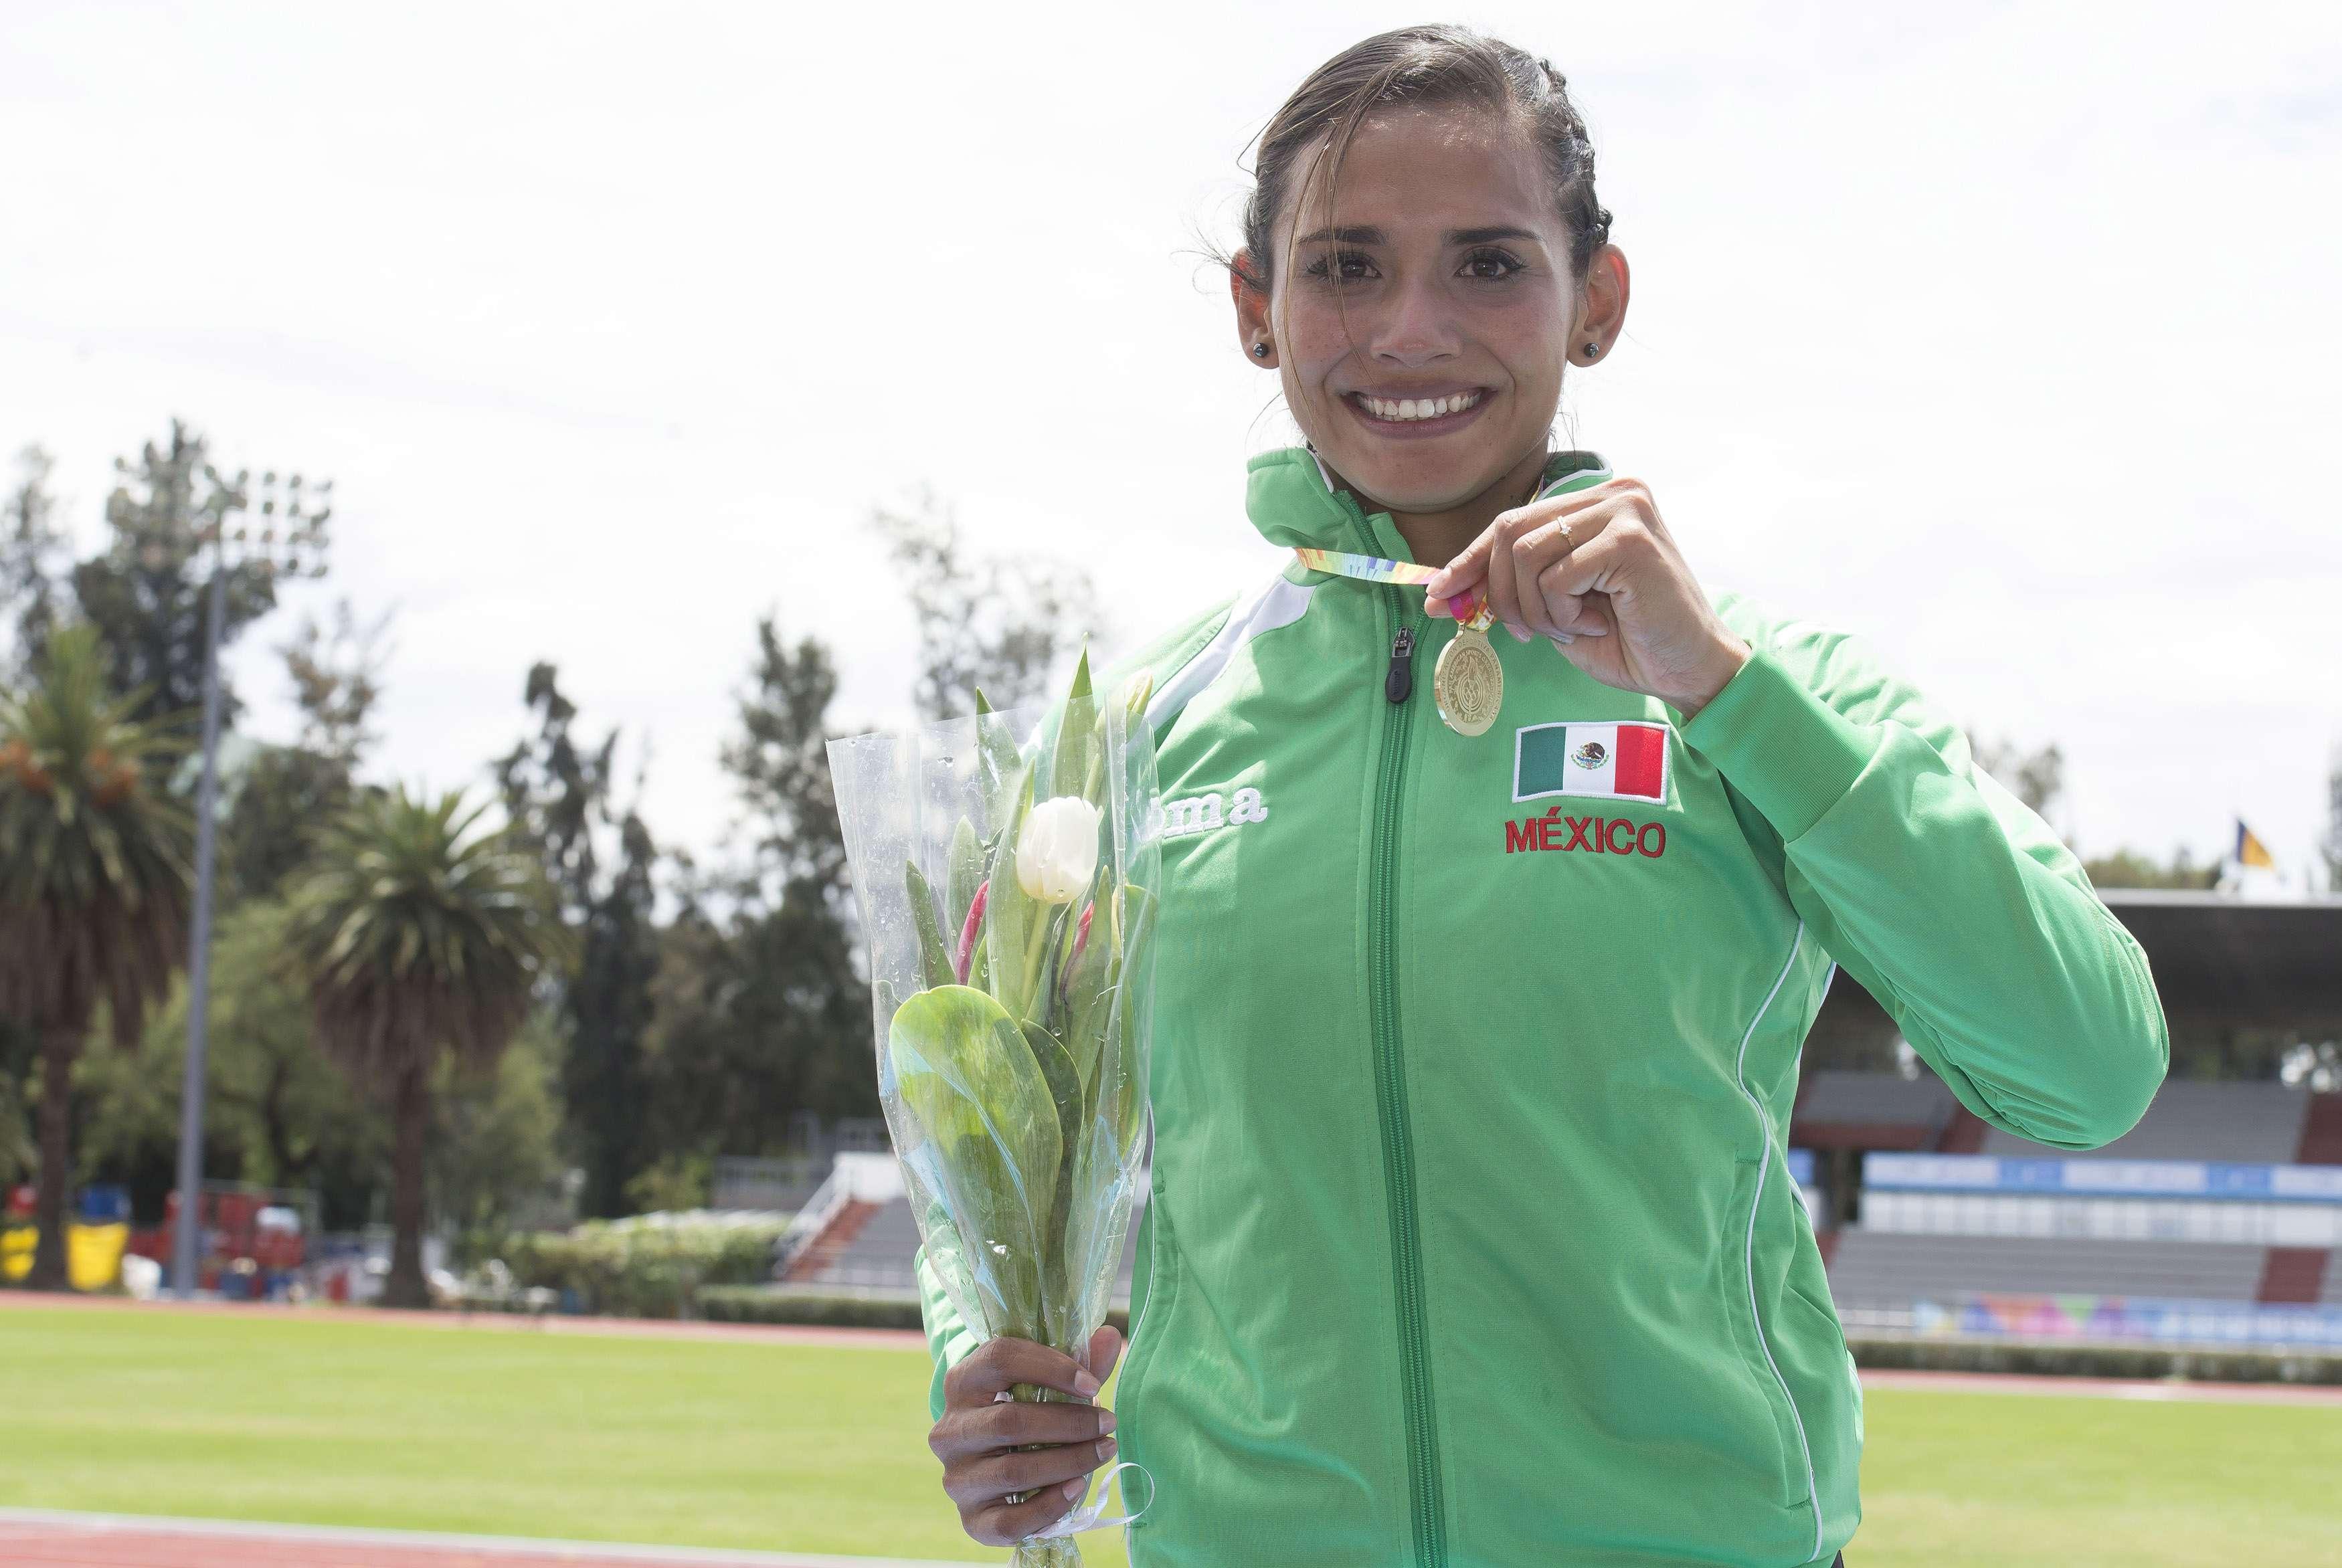 Zudikey Rodríguez da otro oro a México. Foto: Mexsport